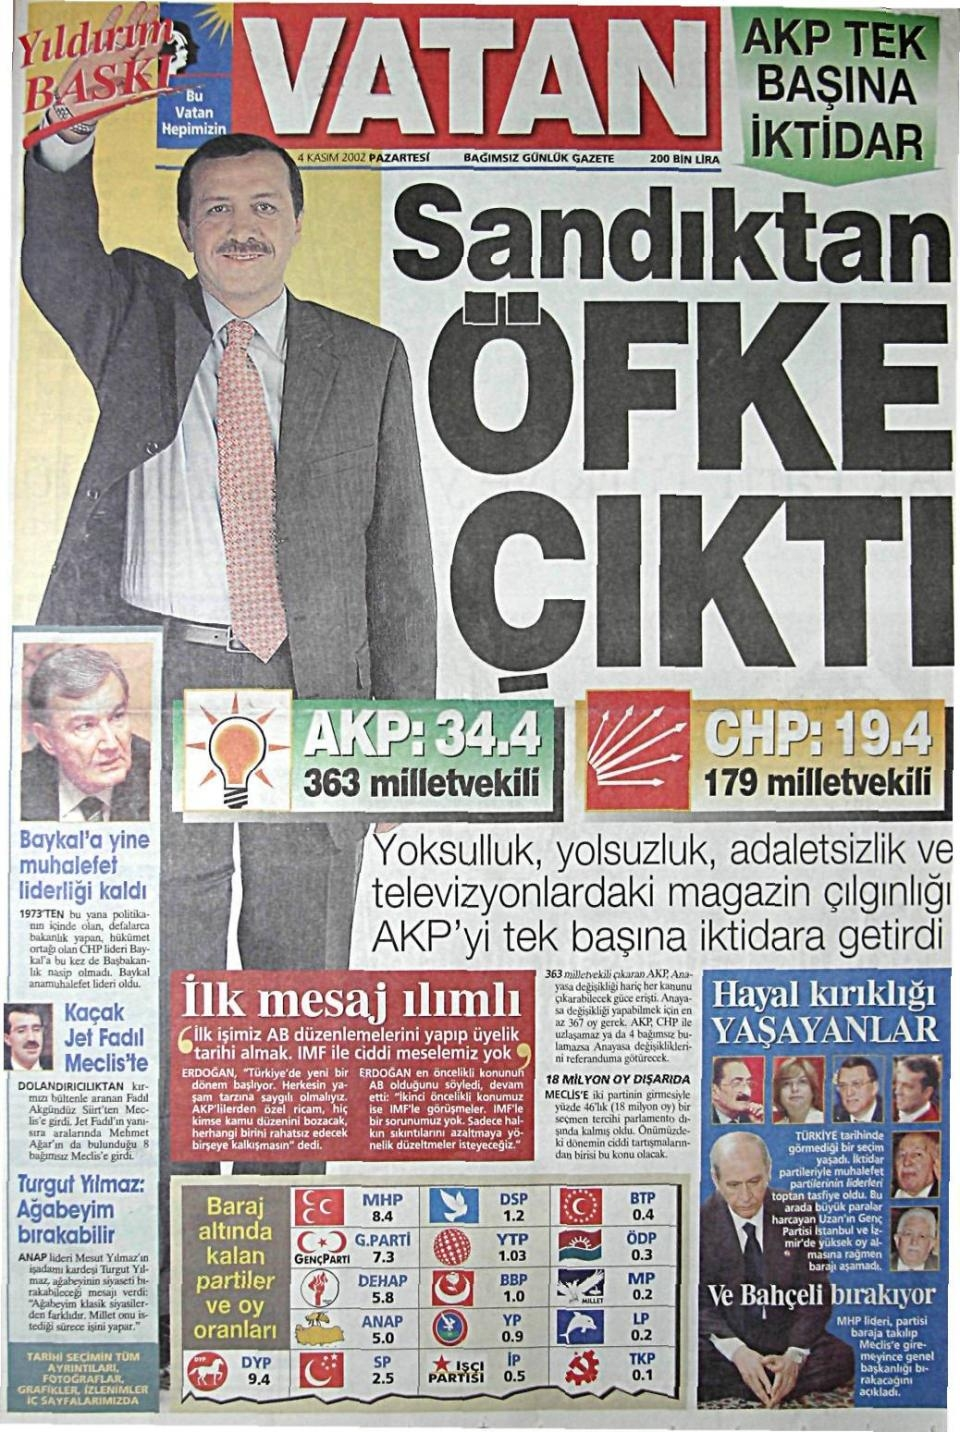 Cumhurbaşkanı Erdoğan'ın ilk kez göreceğiniz fotoğrafları 72